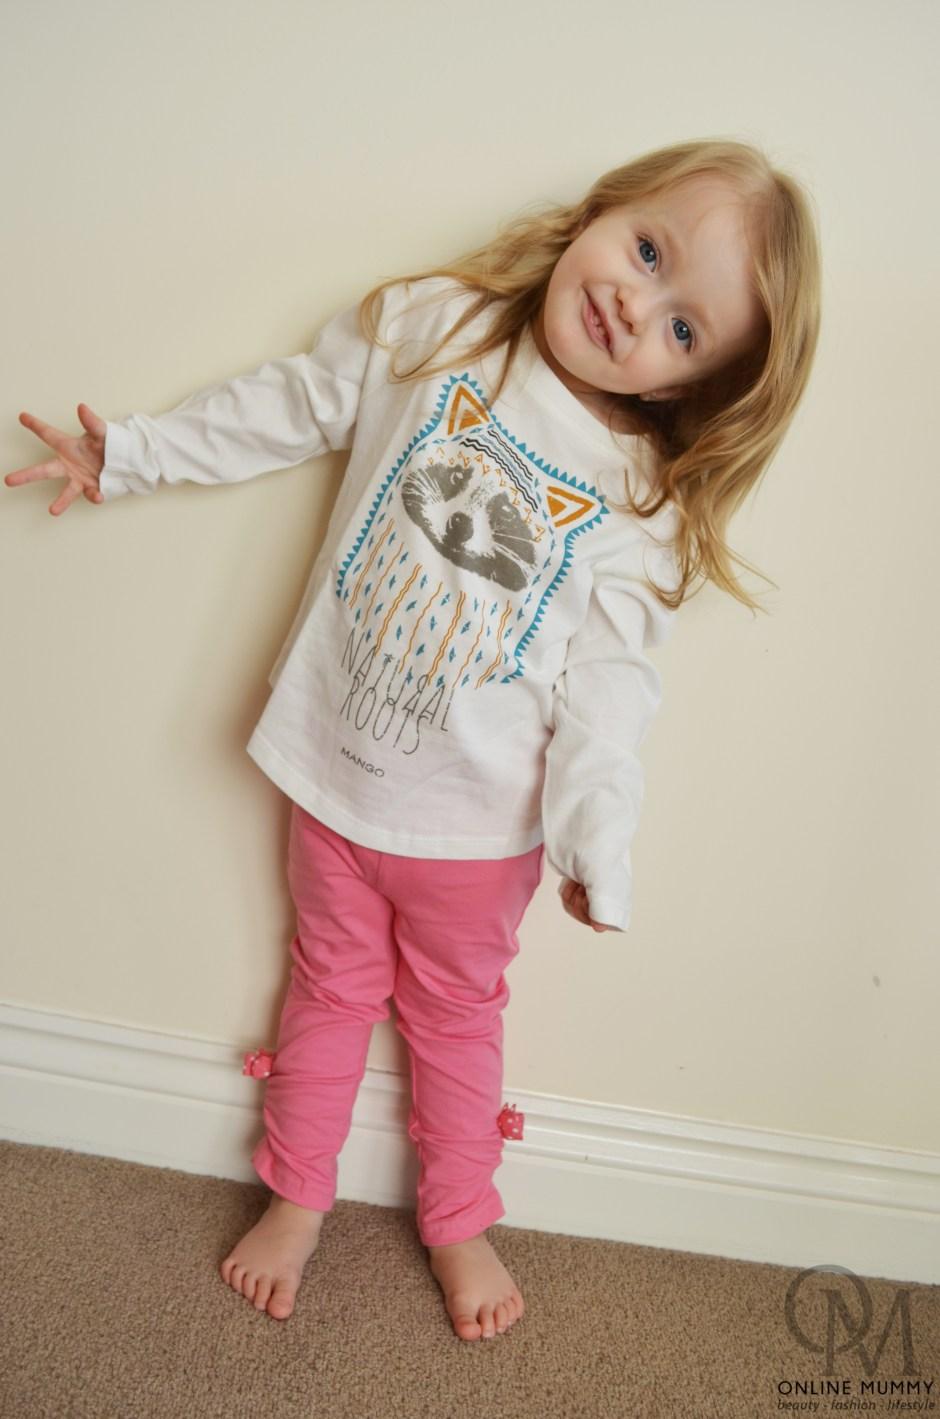 House of Fraser children's clothing